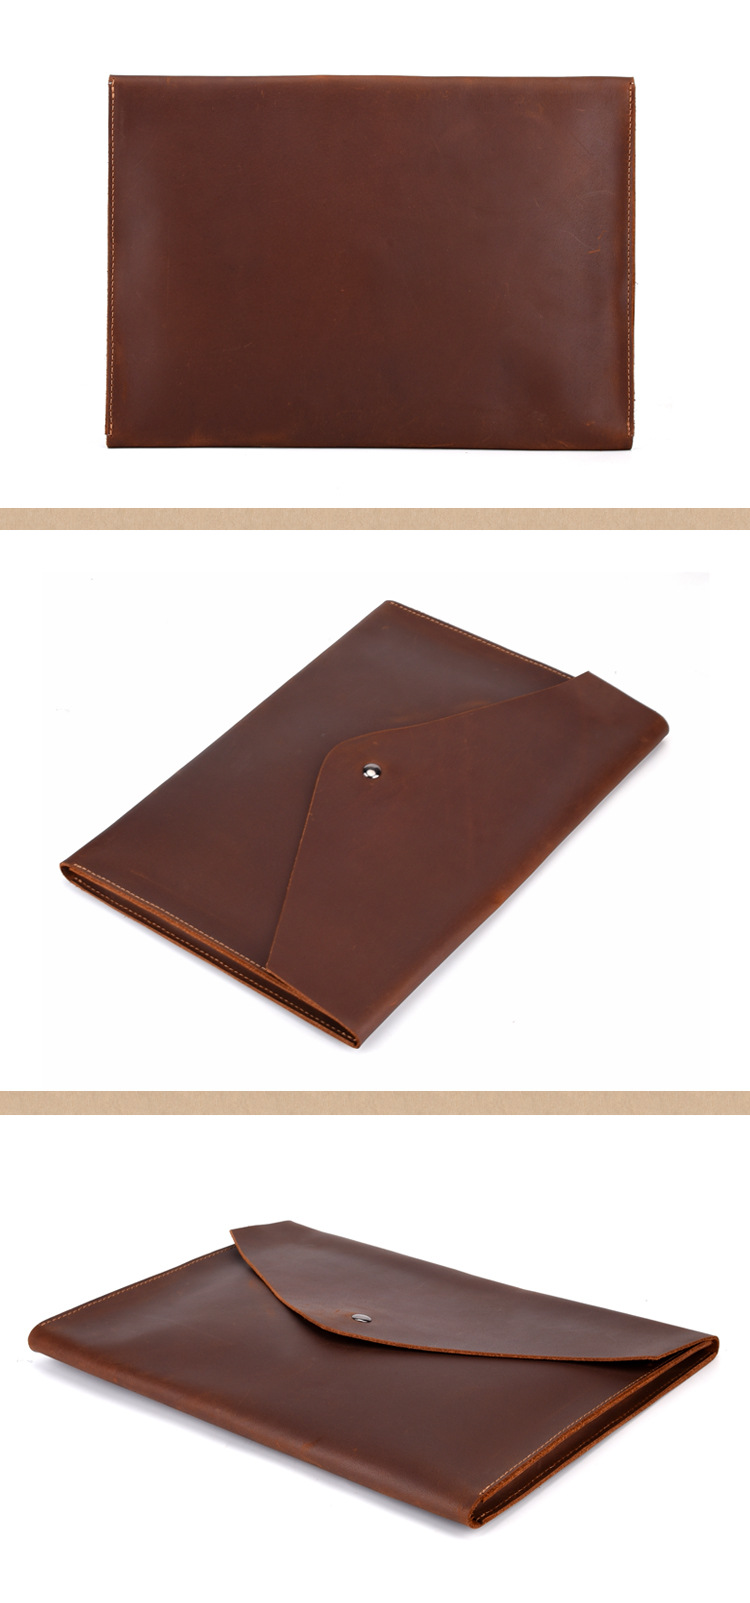 arquivamento saco de papel couro samsung ipad